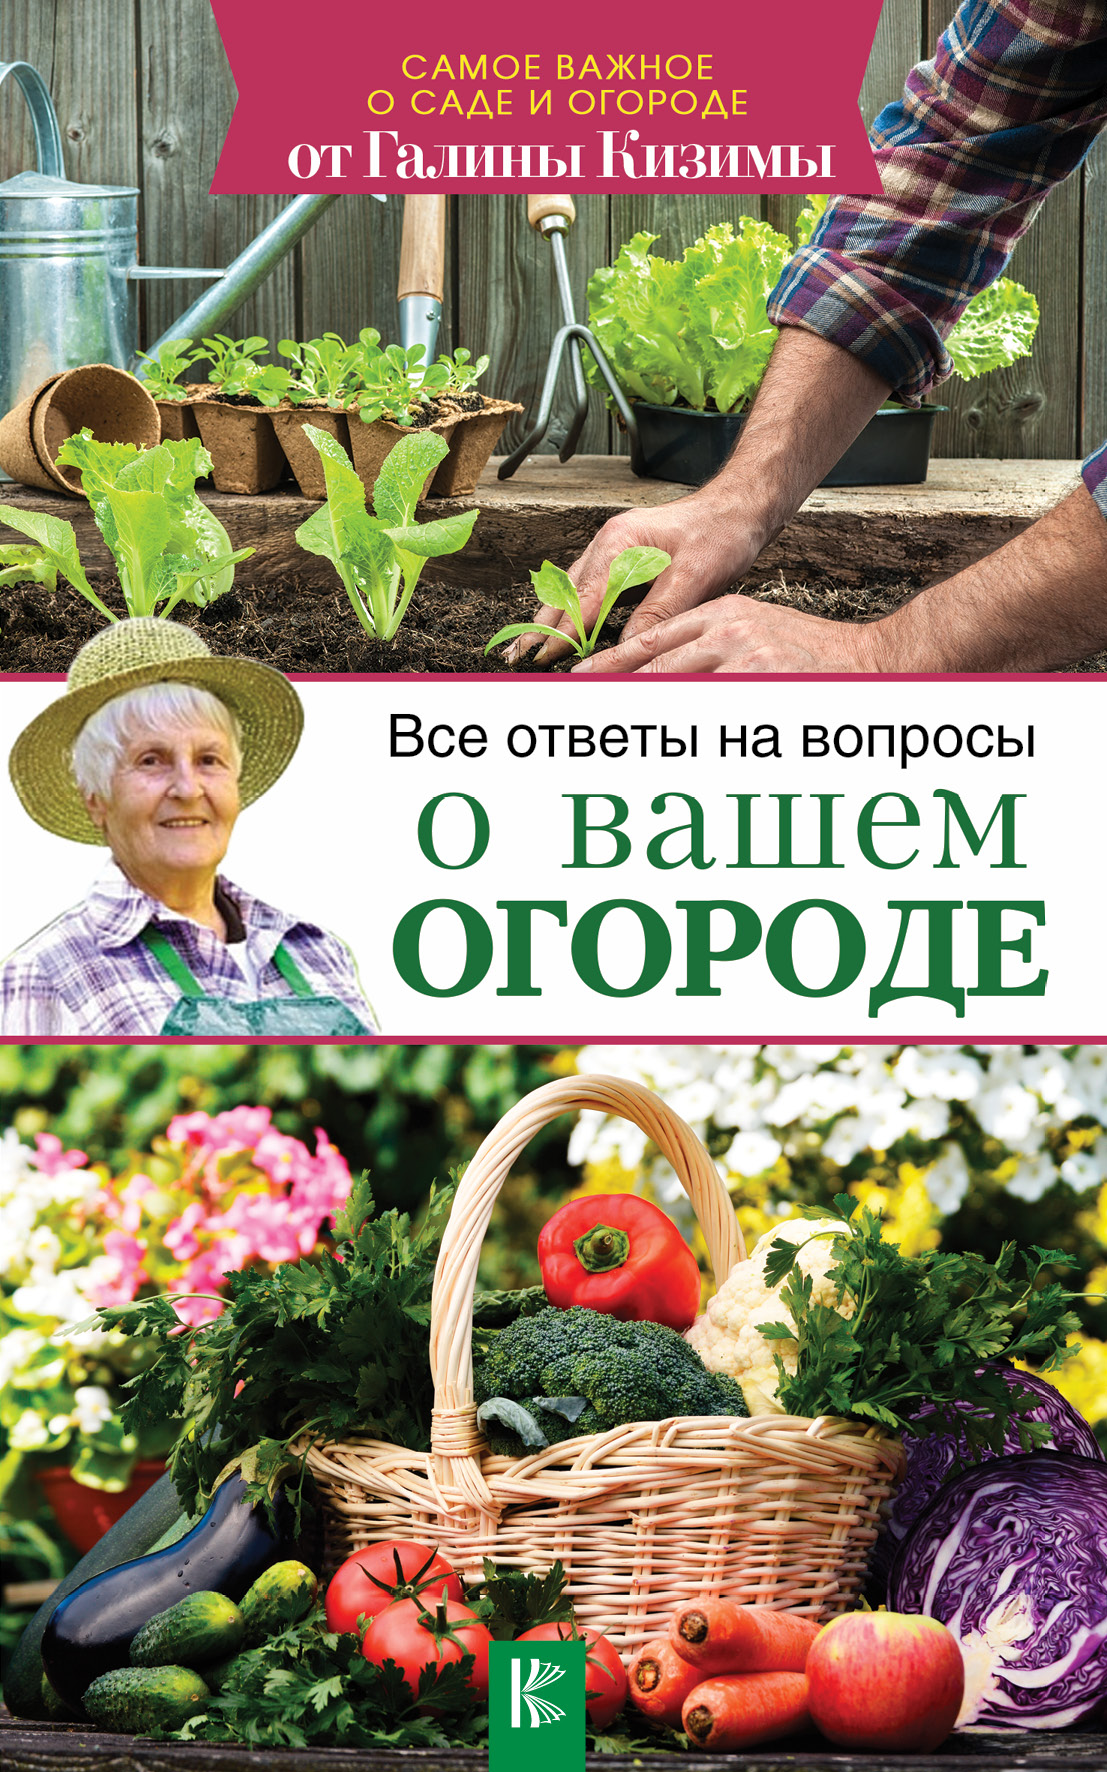 Кизима Г.А. Все ответы на вопросы о вашем огороде